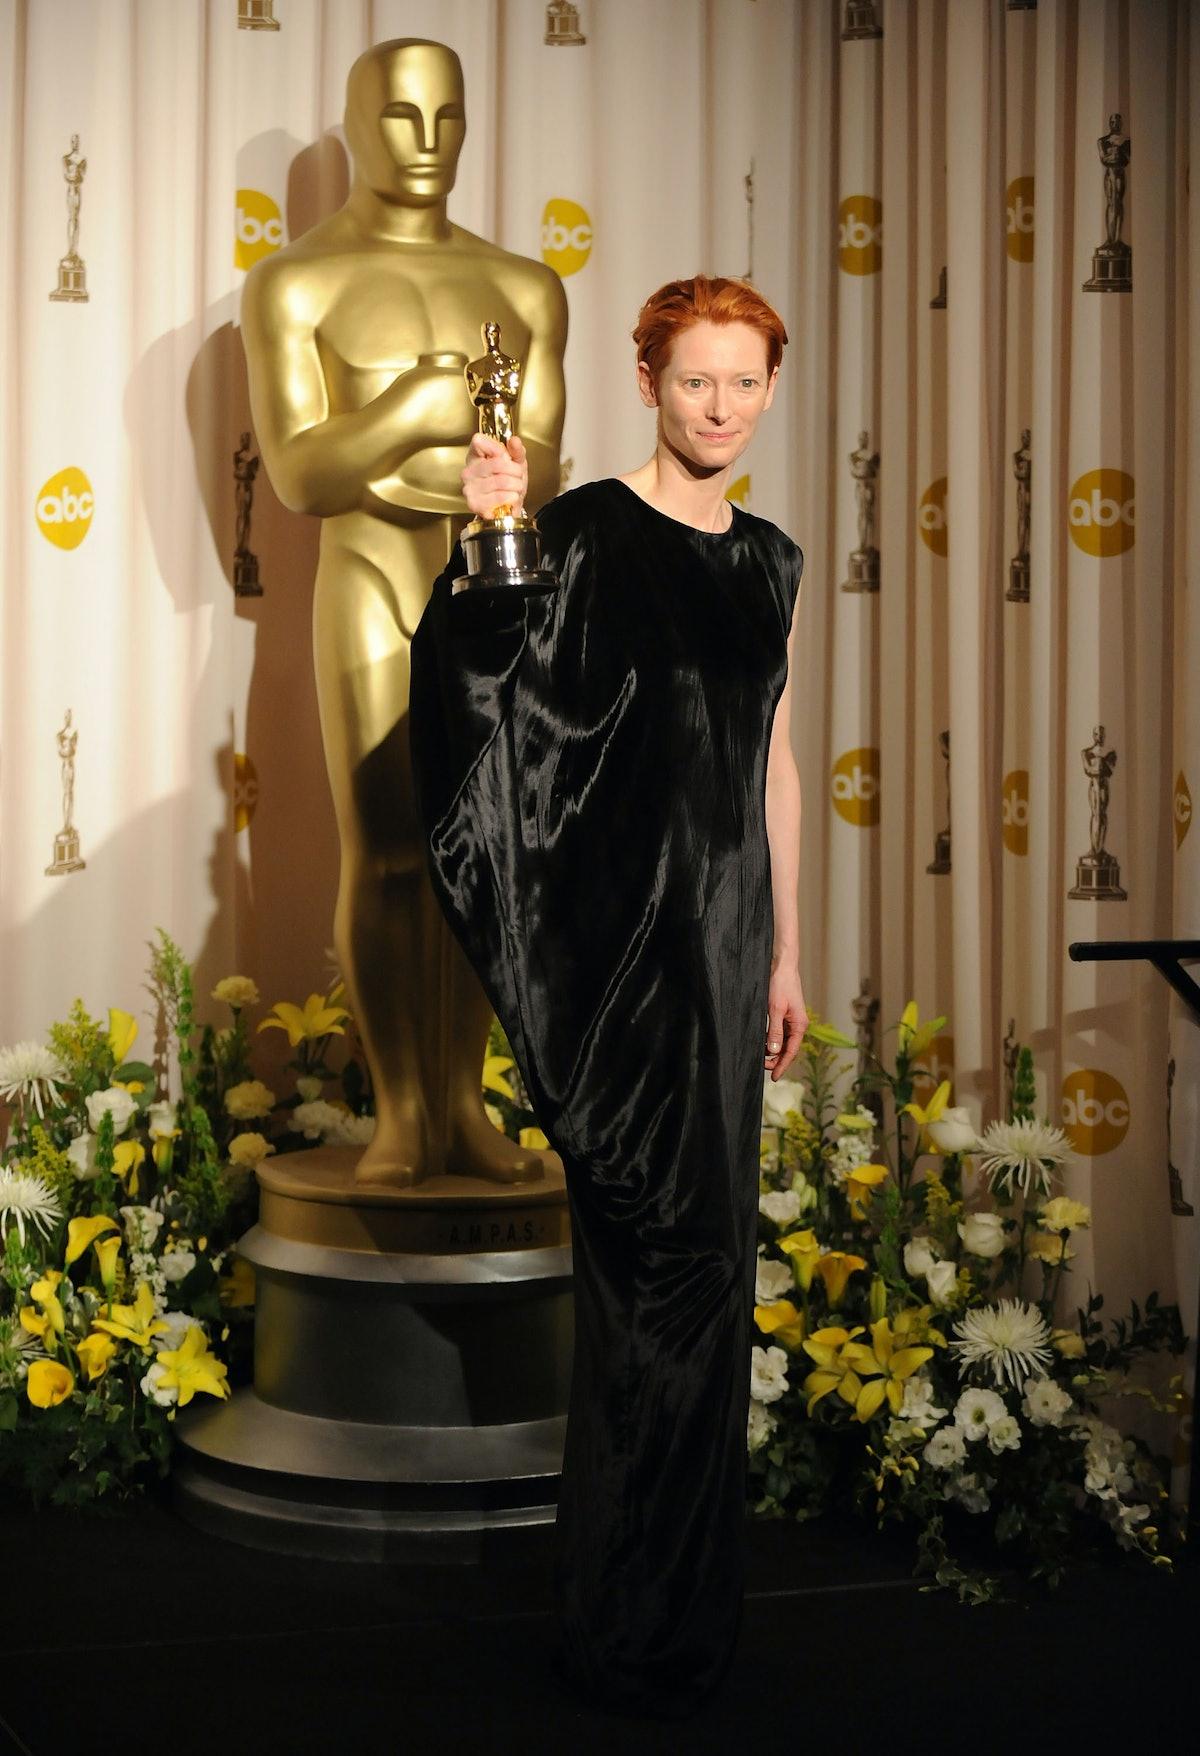 Tilda Swinton holding an Oscar.